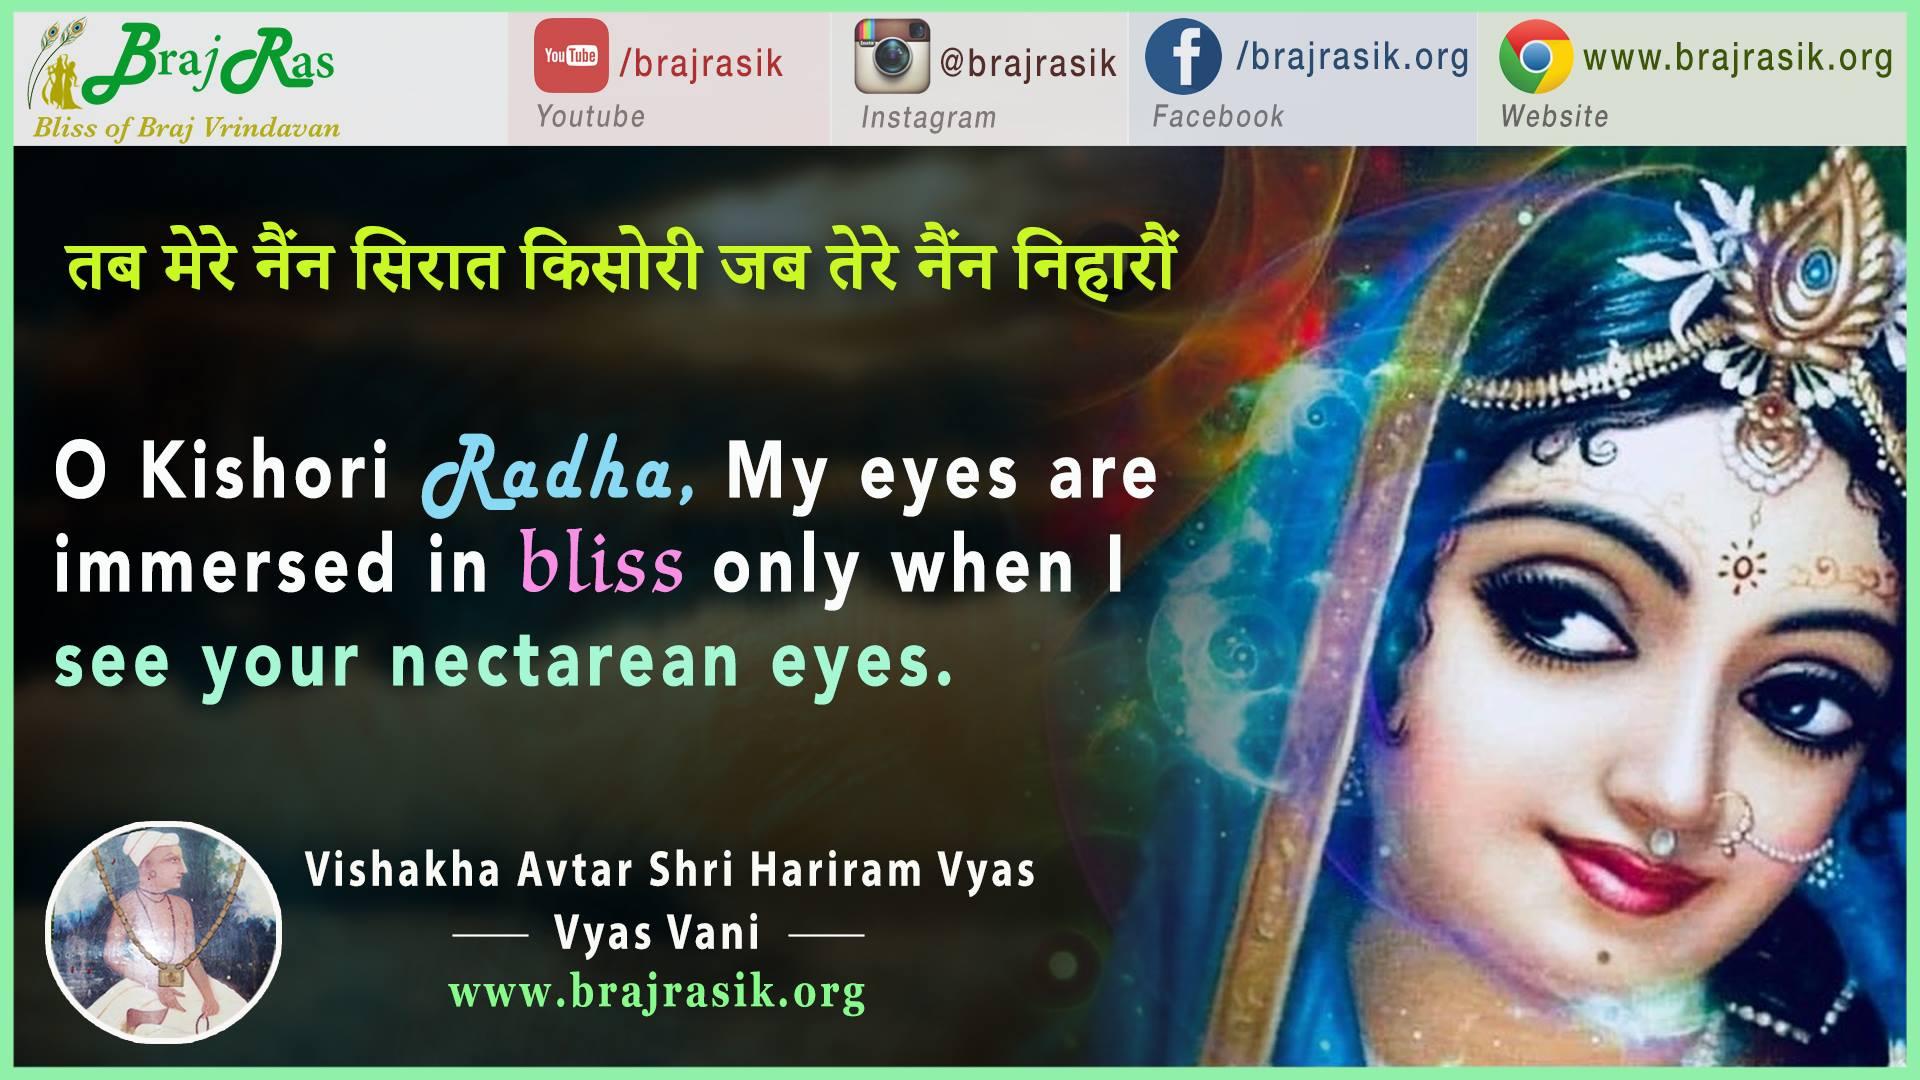 Tab Mere Nain Siraat Kisori Jab Tere Nain Niharon - Vishakha Avtar Shri Hariram Vyas, Vyas Vani